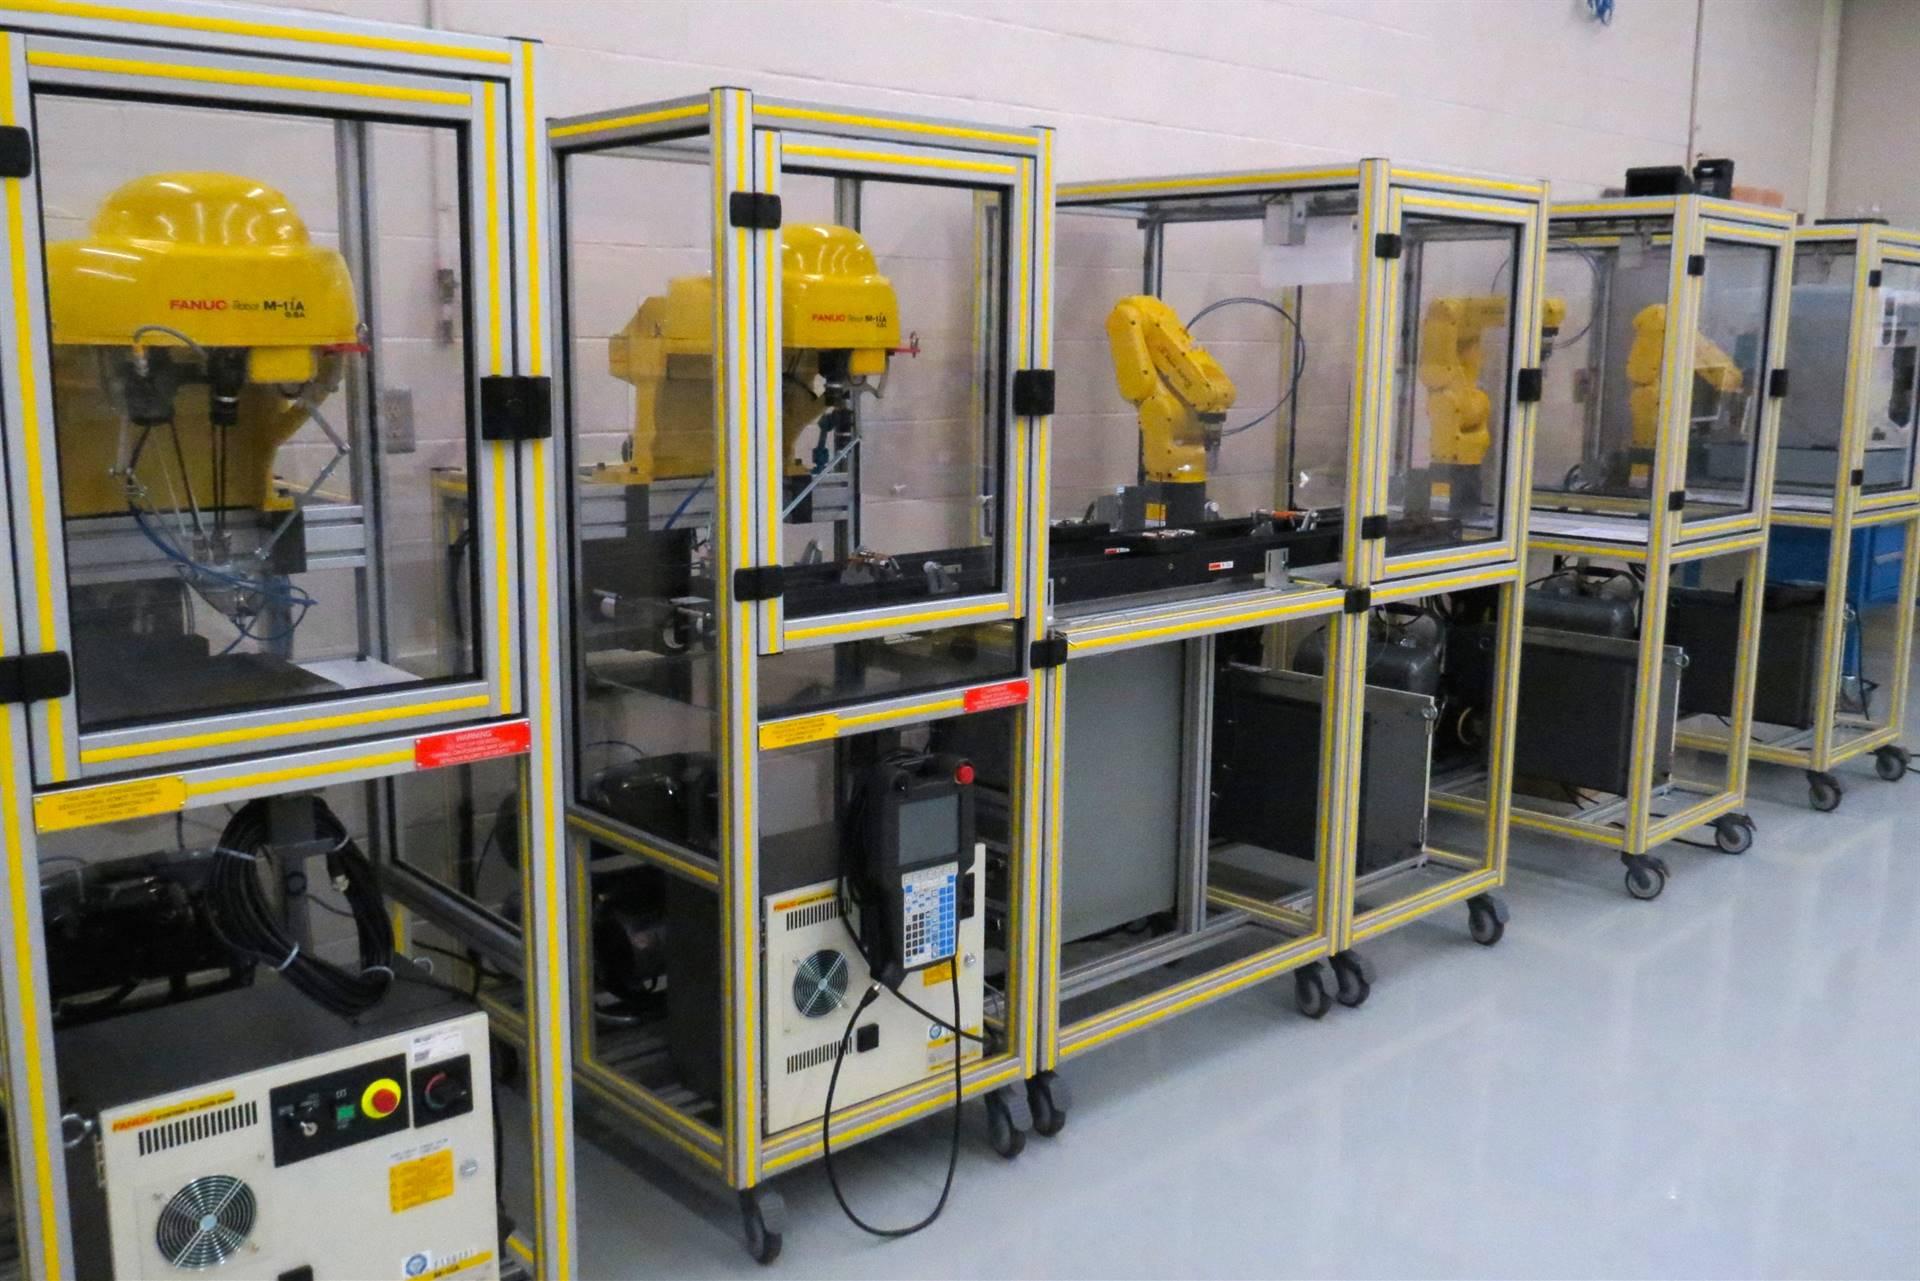 FANUC Robotics Equipment in the RAMTEC Center